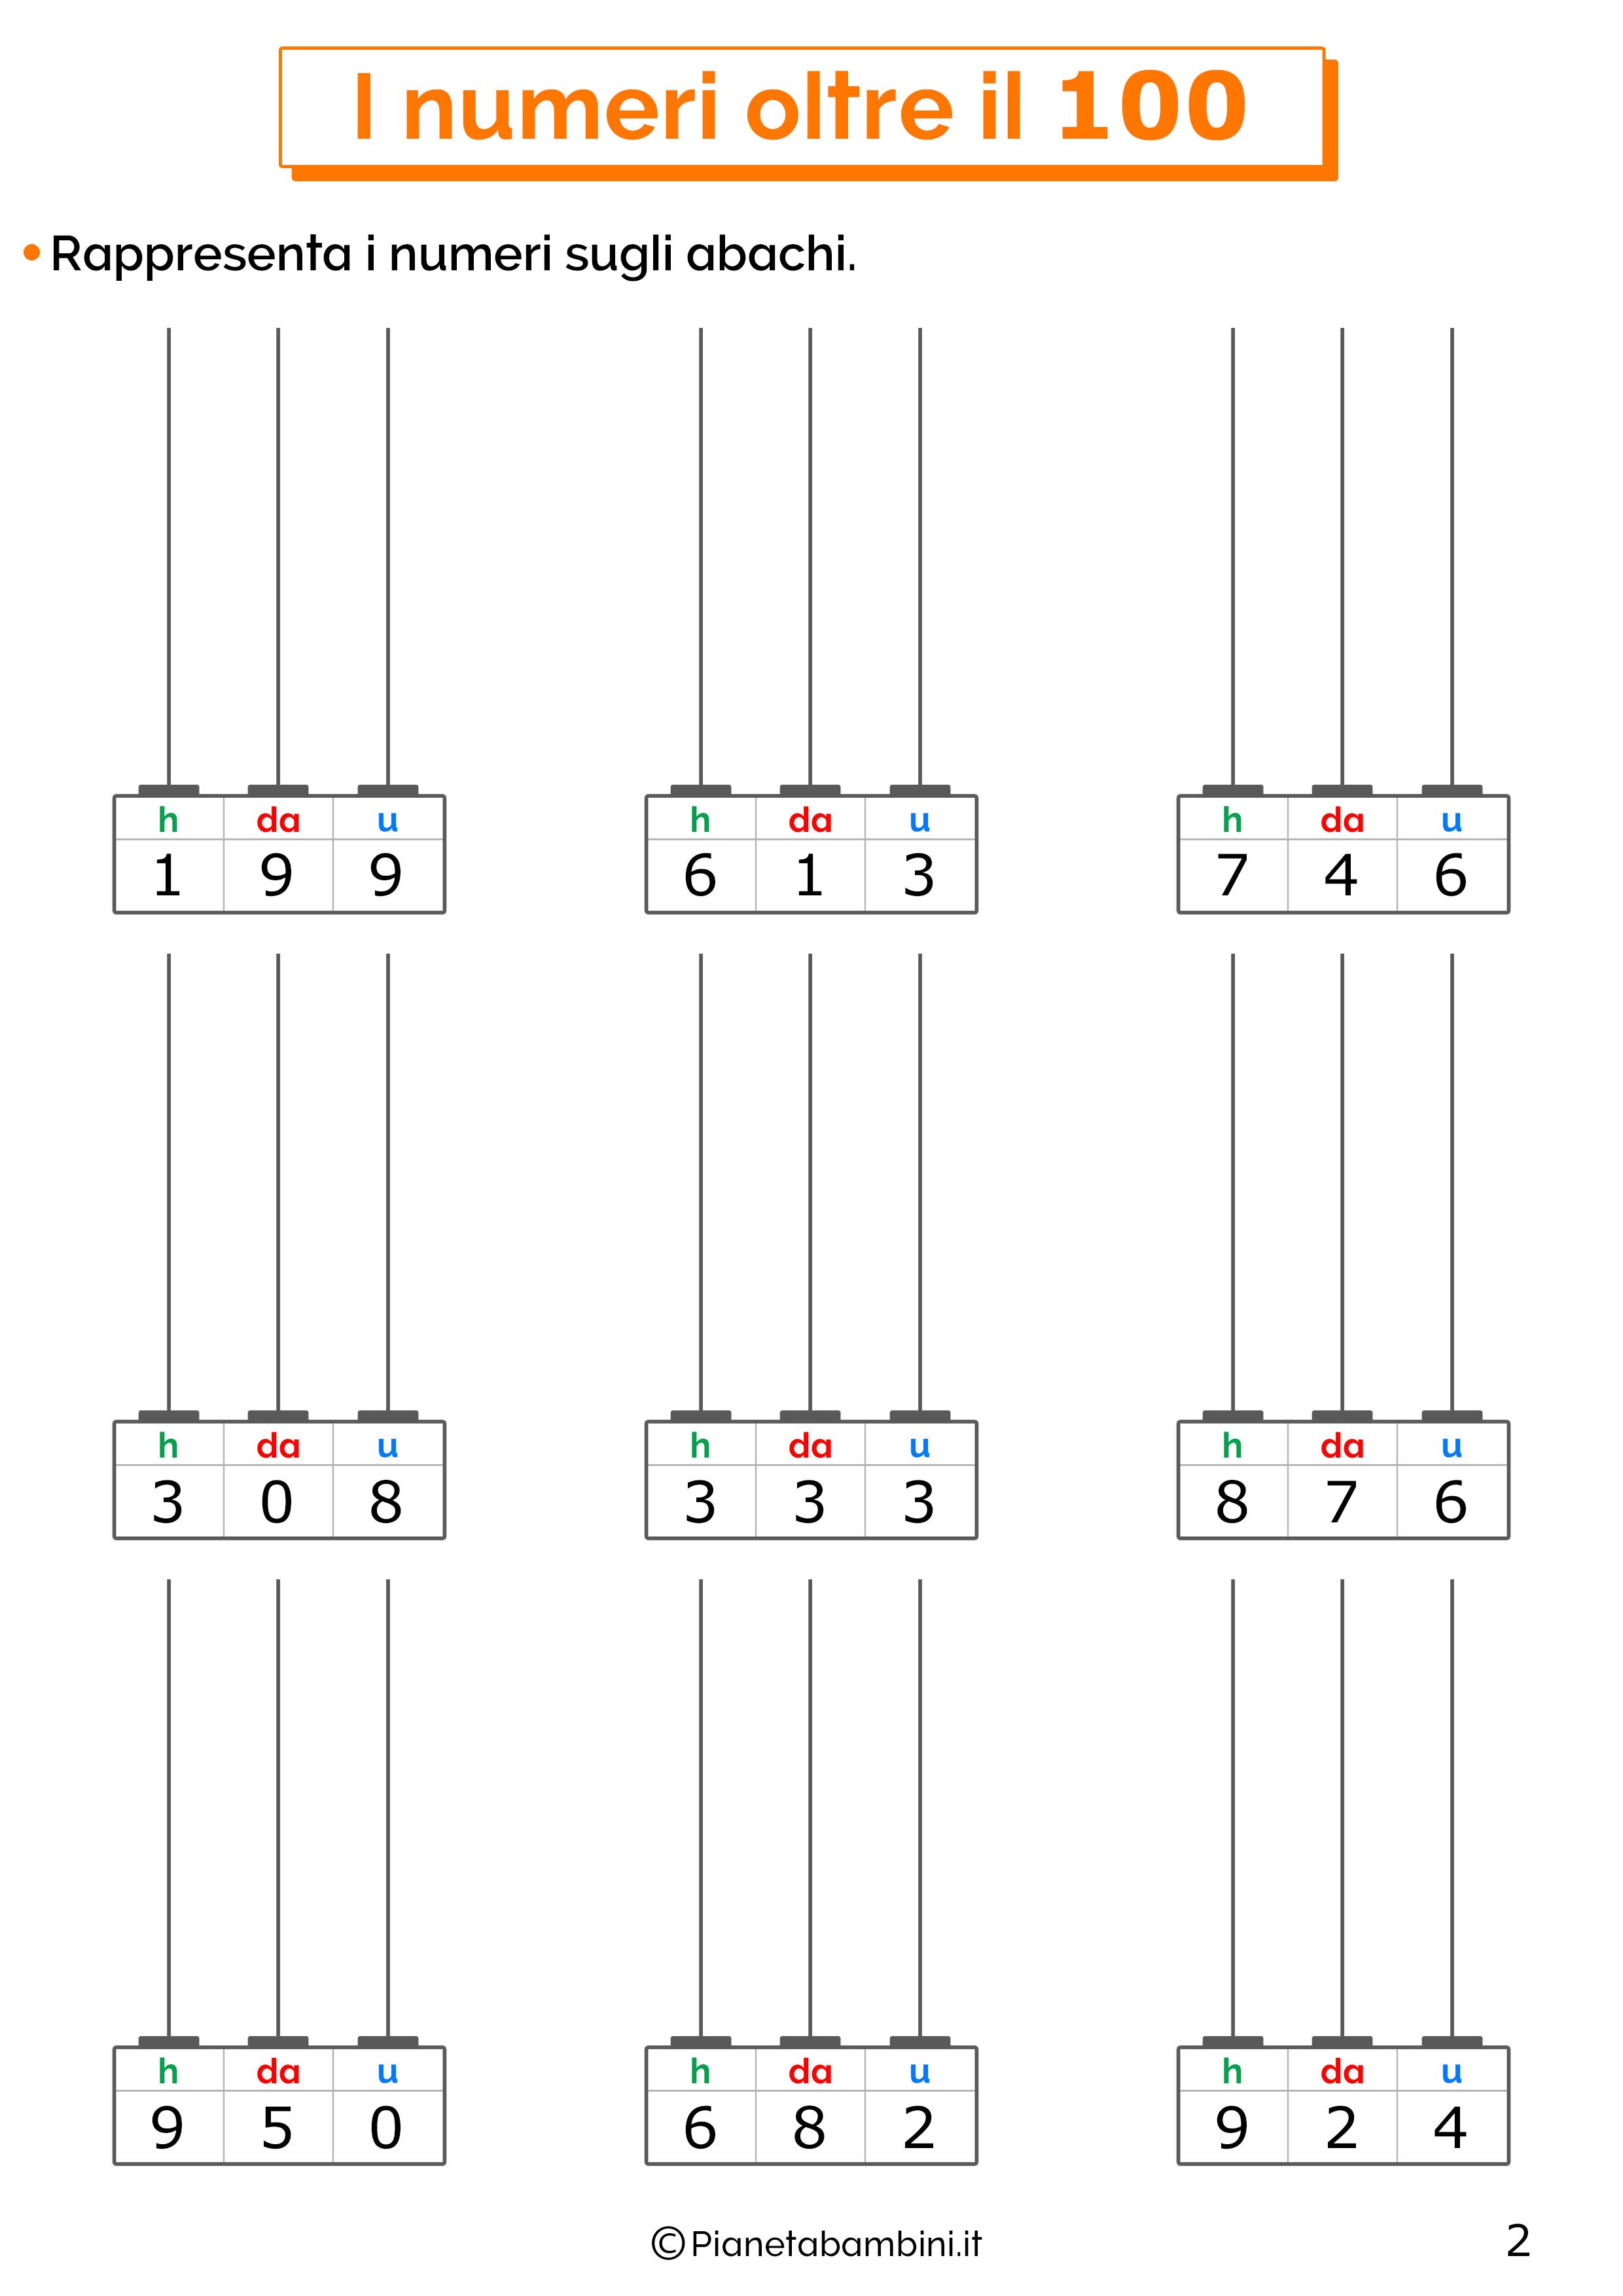 Esercizi sui numeri oltre il 100 per la classe terza 02